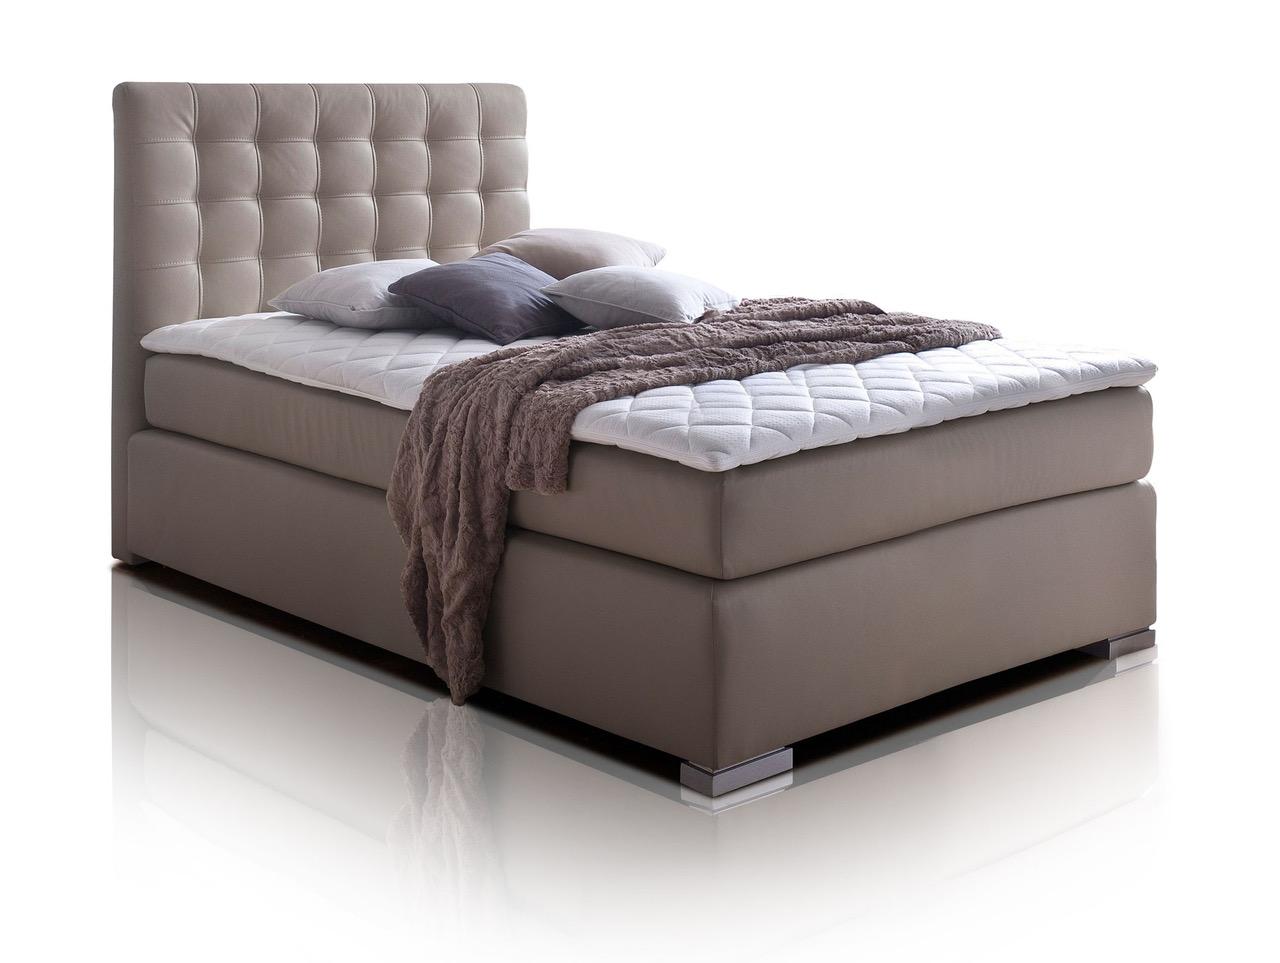 Boxspringbetten Amerikanische Betten Boxbett Große Auswahl